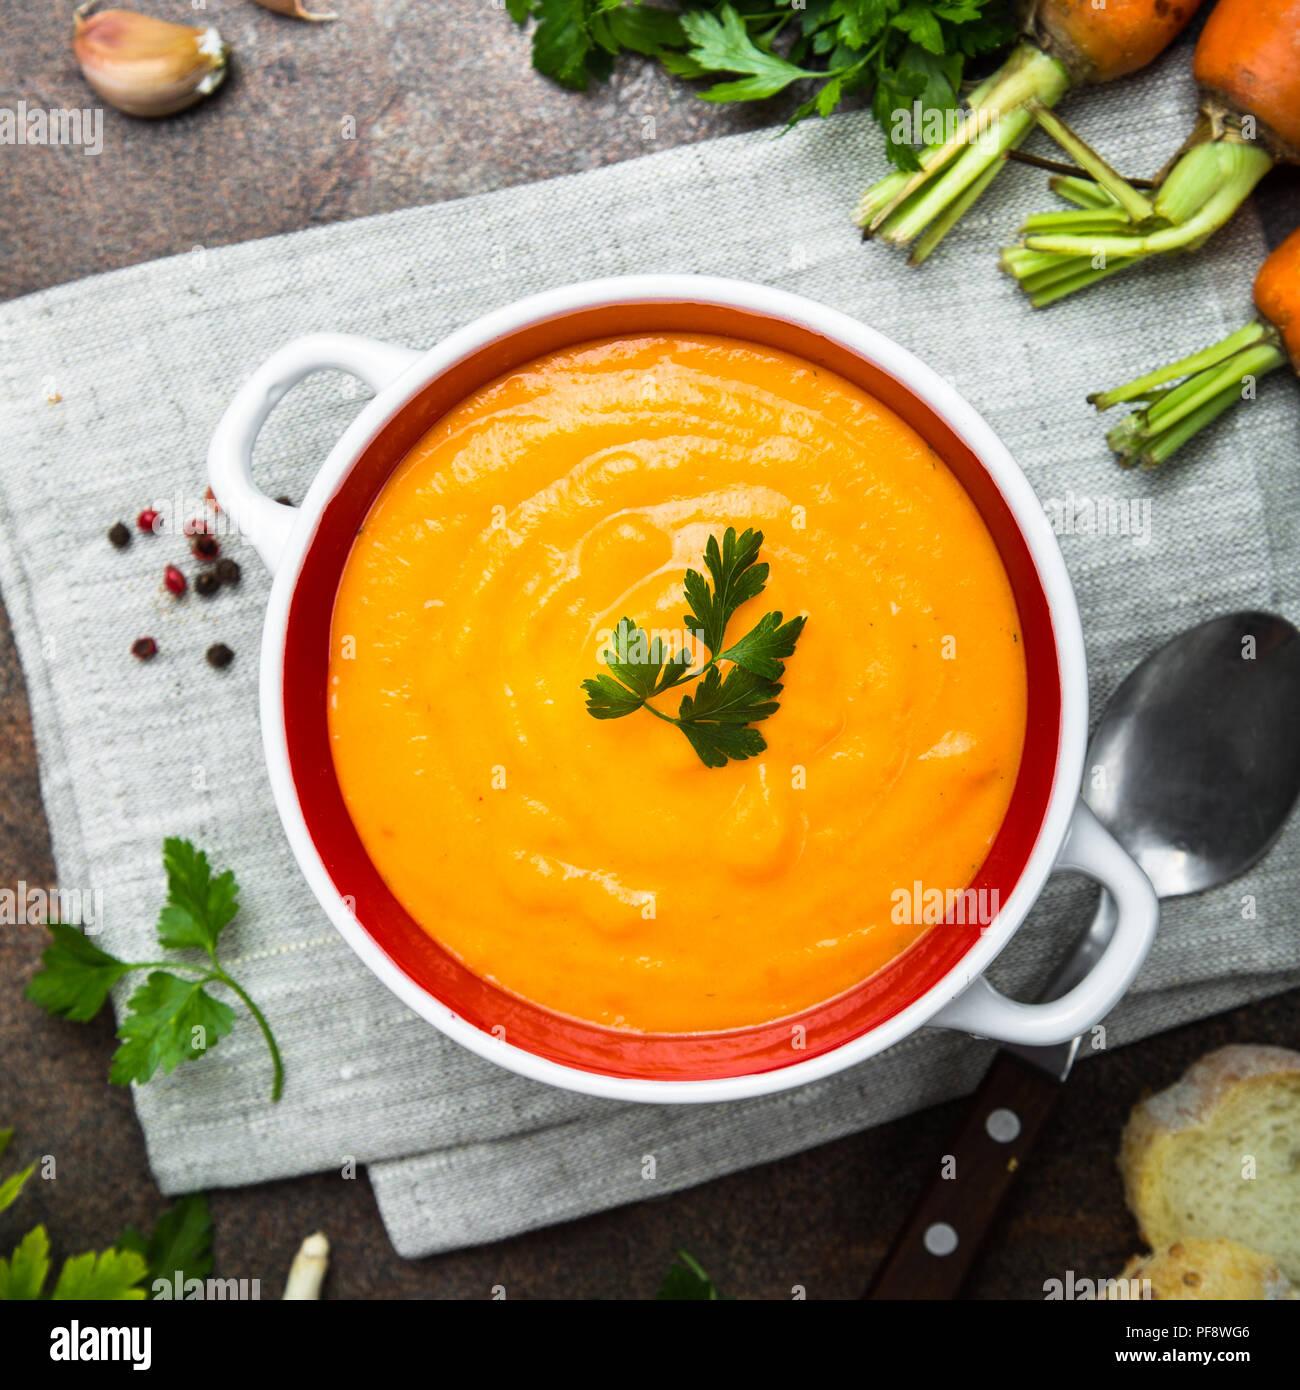 La carota Crema di zuppa su pietra scura tabella. Vegetariano zuppa di verdure. Vista dall'alto. Square. Immagini Stock